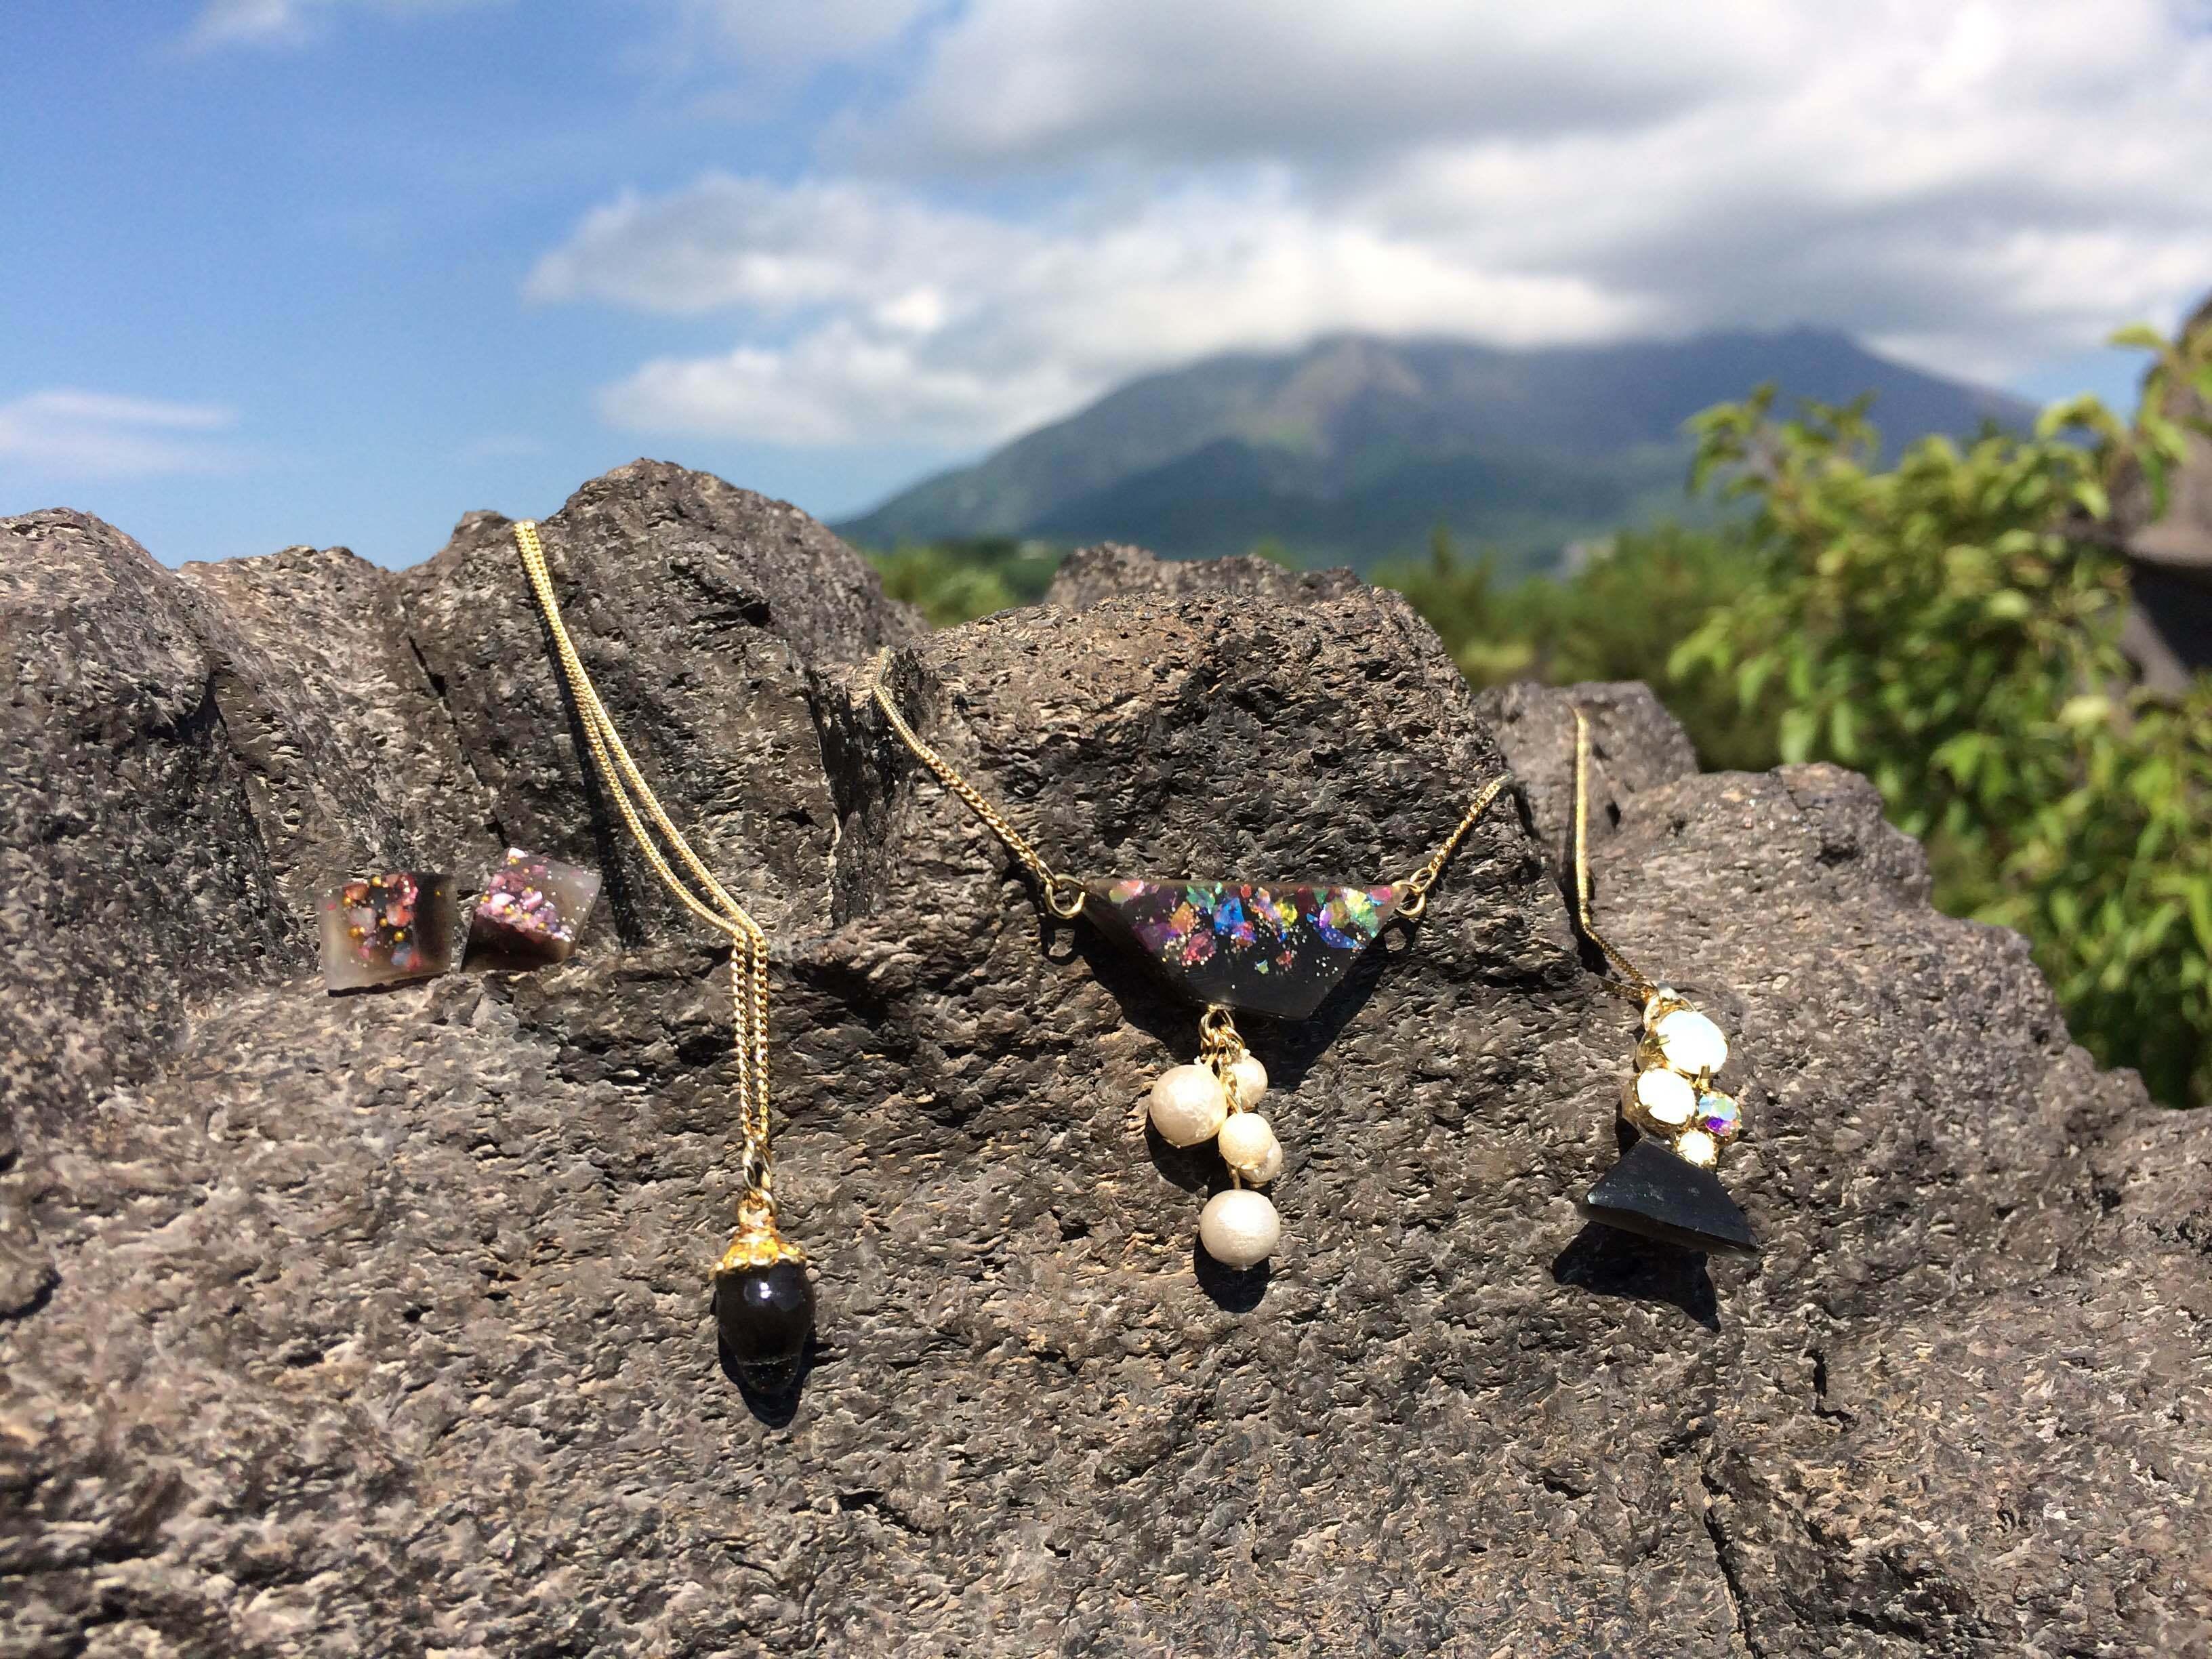 こんな街で制作していますー「鹿児島は空から宝石が降ってくる」ー